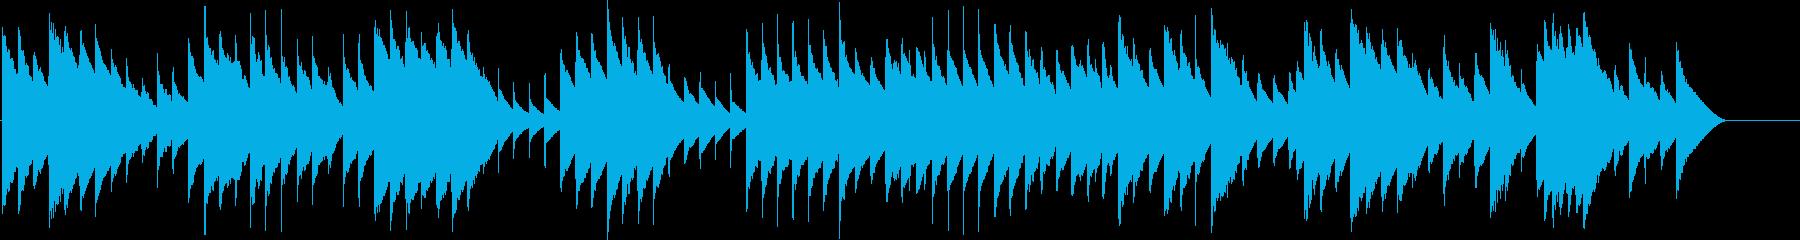 オルゴールで子守唄3(モーツァルト)の再生済みの波形